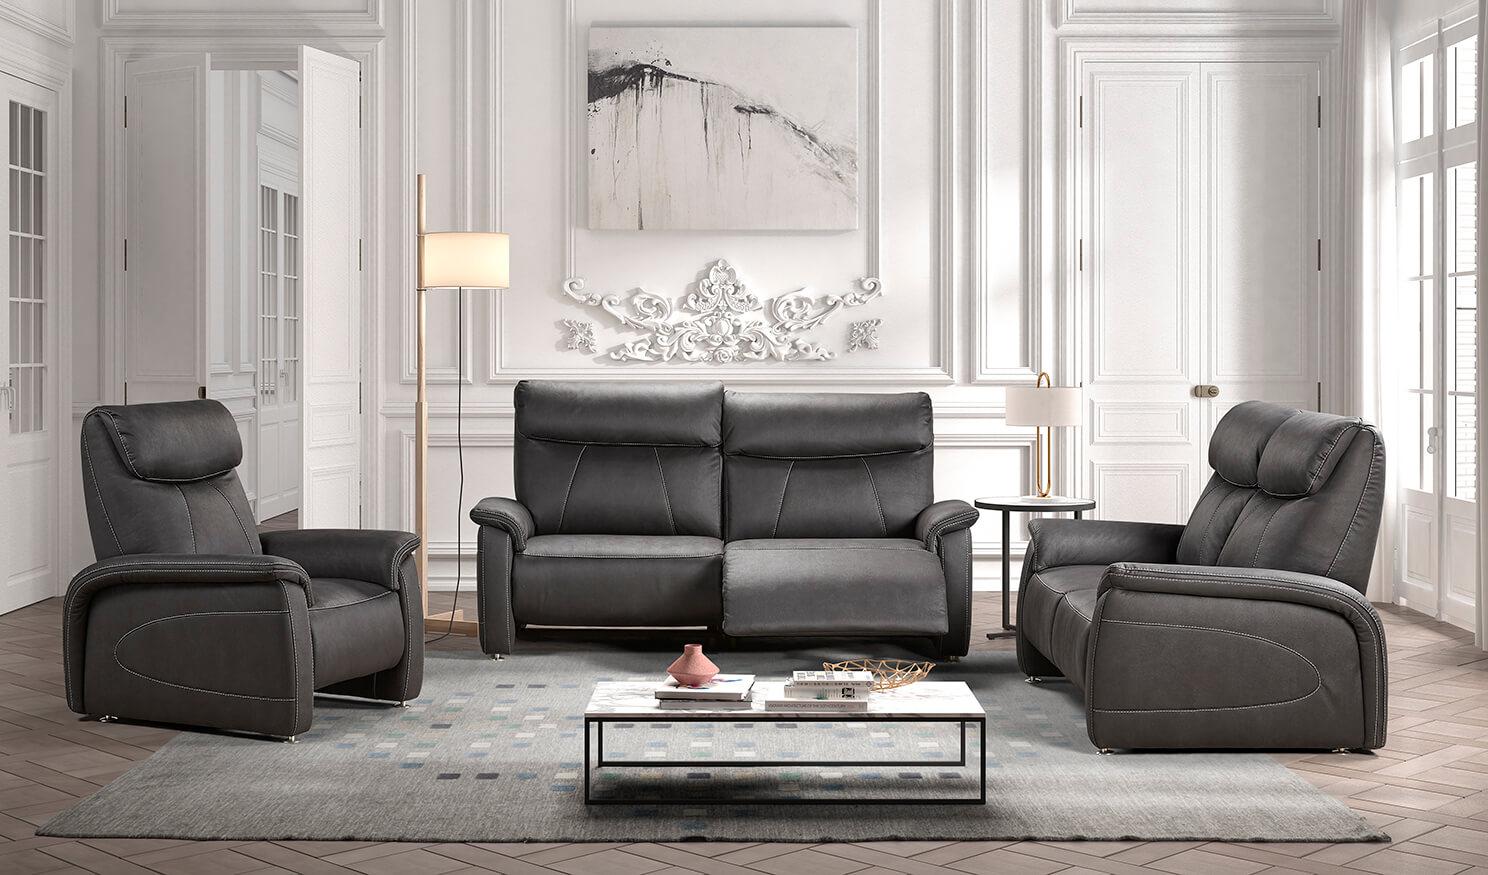 Landelijke zetels met relaxen in diverse kleuren stof en leder